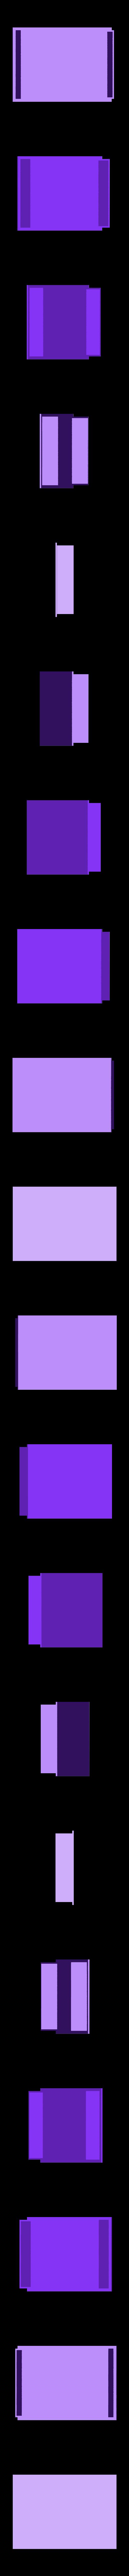 Bottom.stl Download STL file SNES game cartridge holder • 3D printer design, eAgent